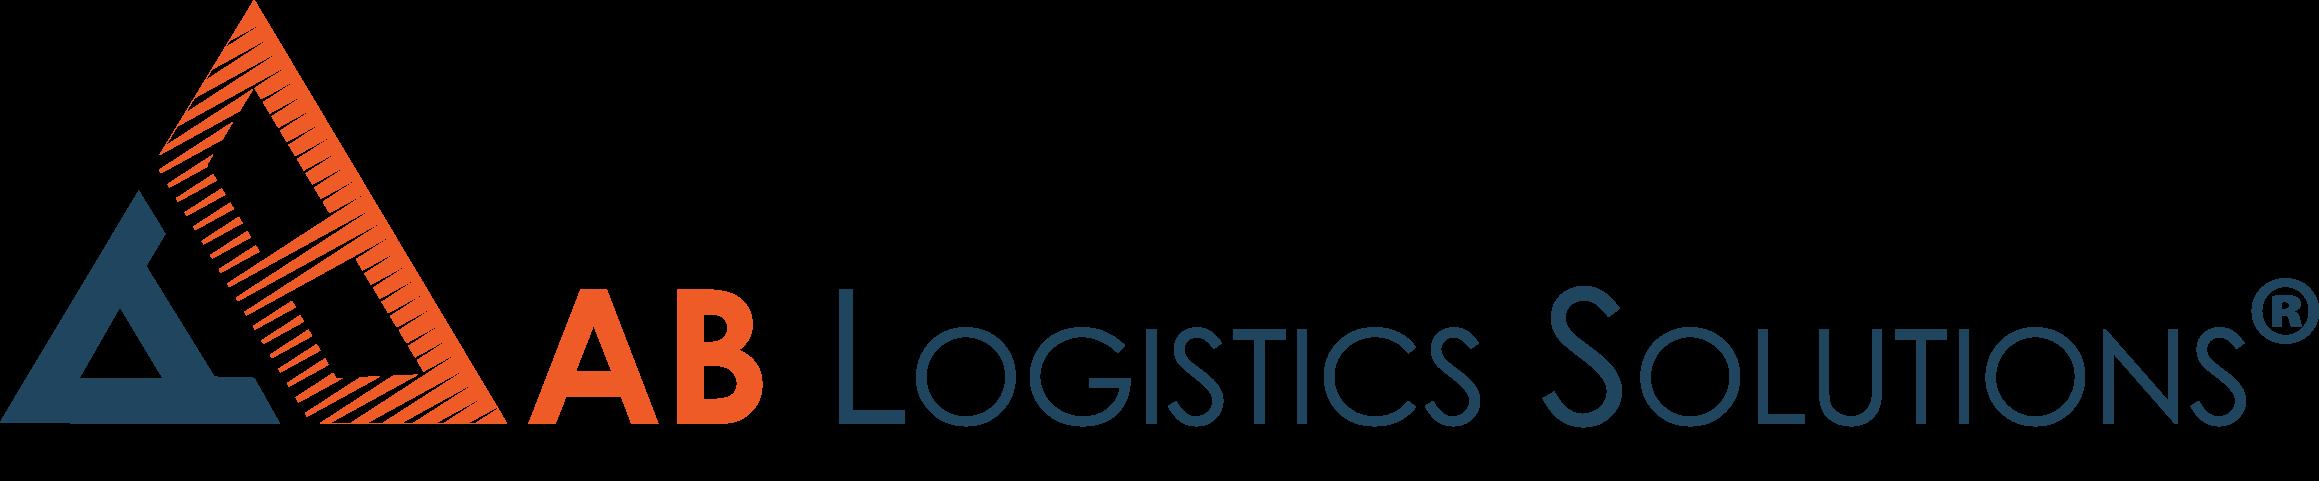 AB Logistics